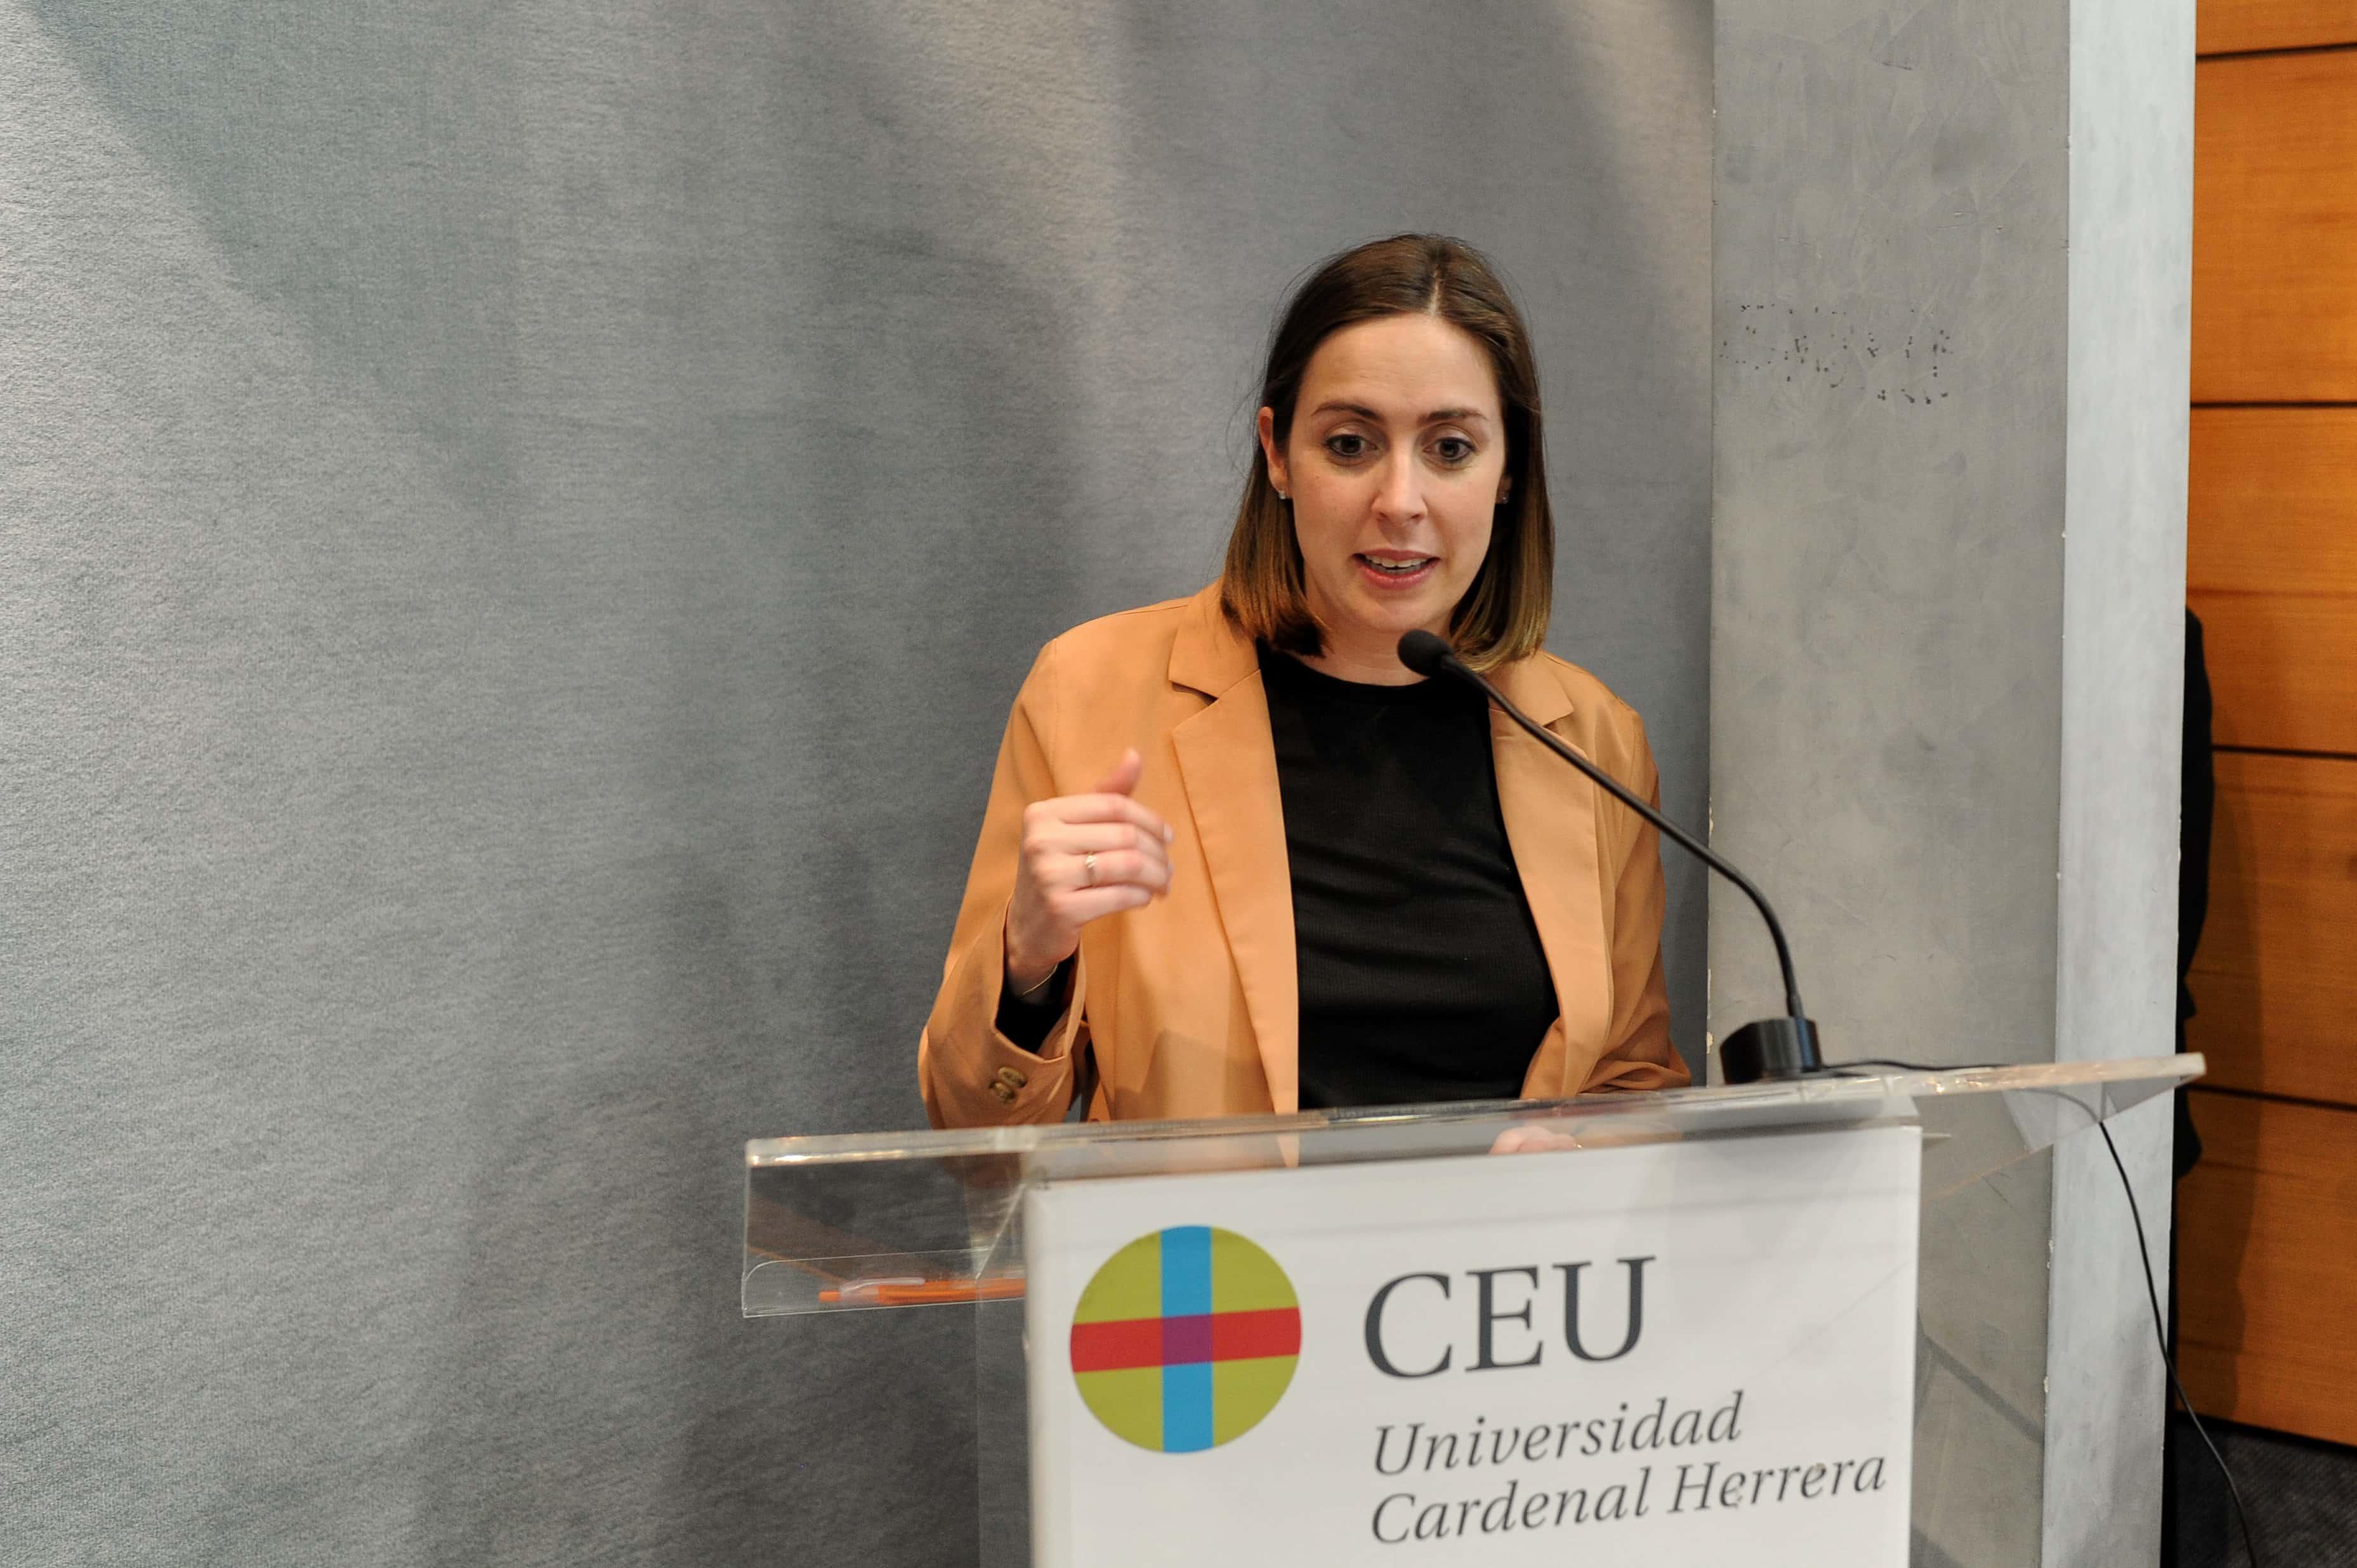 la-ceu-uch-y-la-autnoma-de-barcelona-premian-a-los-ayuntamientos-de-valencia-alzira-elche-y-castelln-por-la-transparencia-de-sus-webs-municipales_46676556875_o